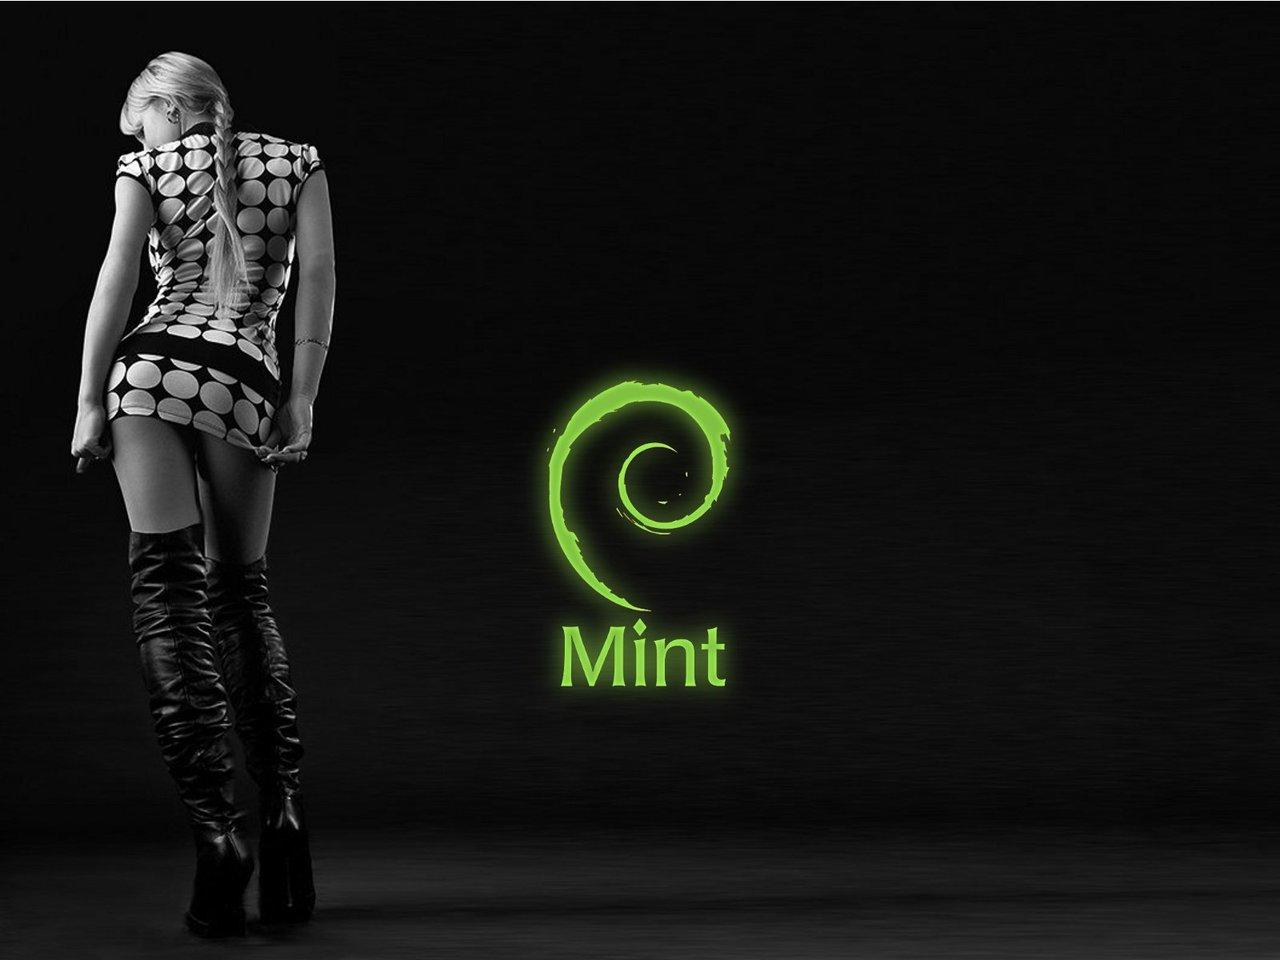 Linux Mint Wallpaper - WallpaperSafari Ubuntu Logo Black